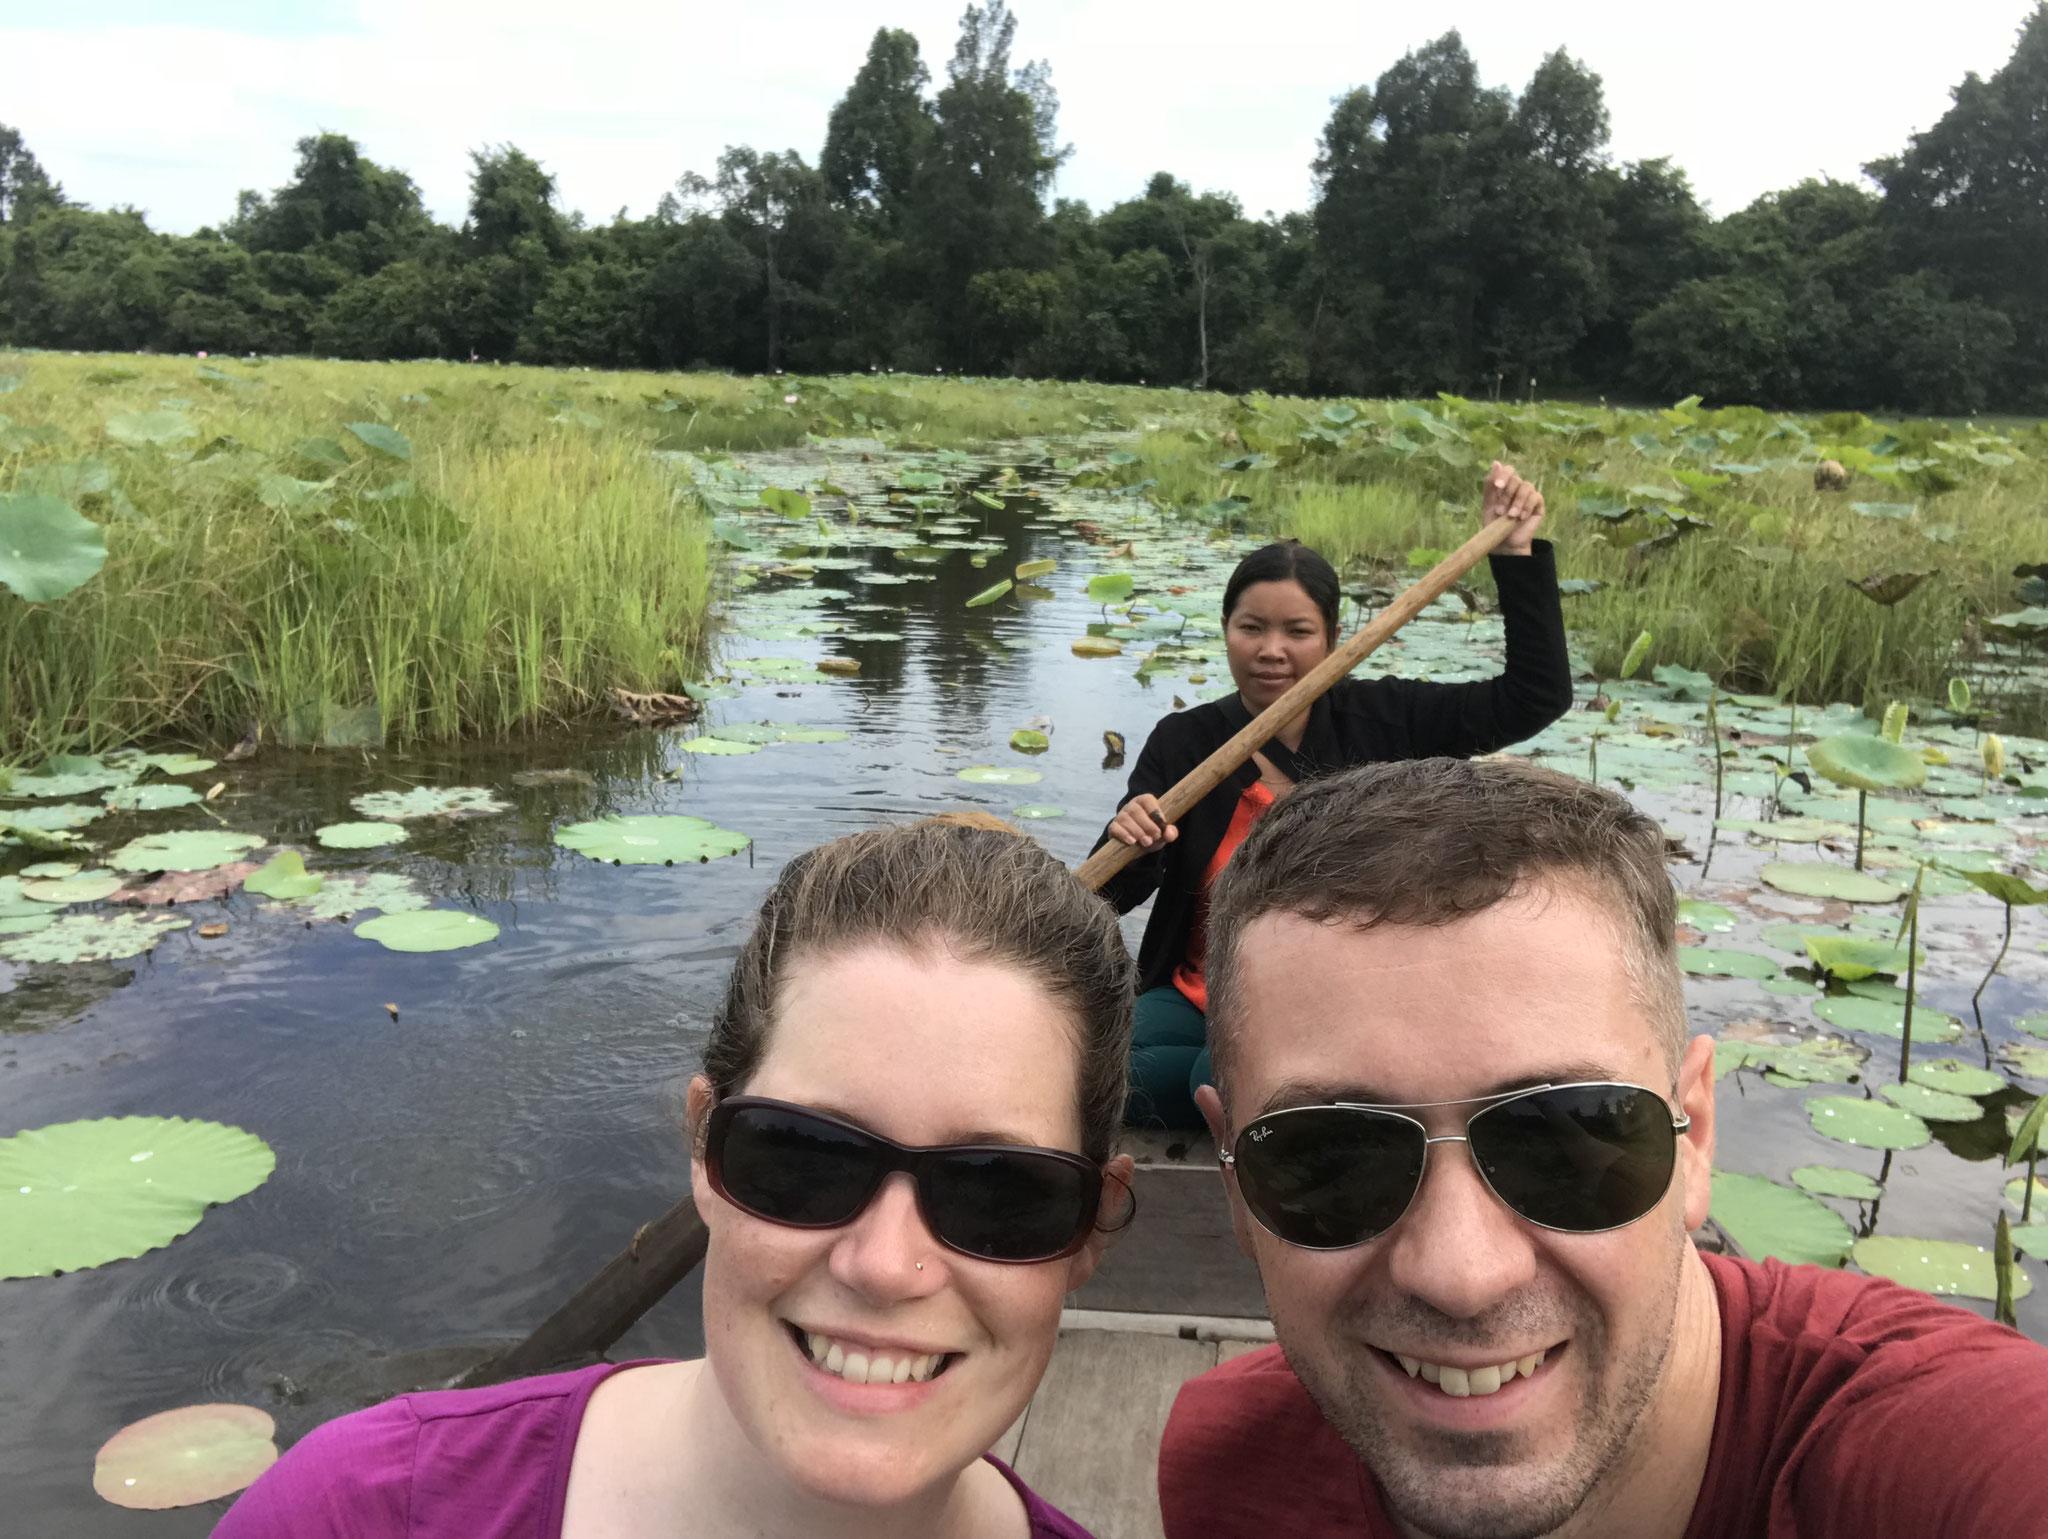 Bootsfahrt auf dem Lotus Teich beim Banteay Srey